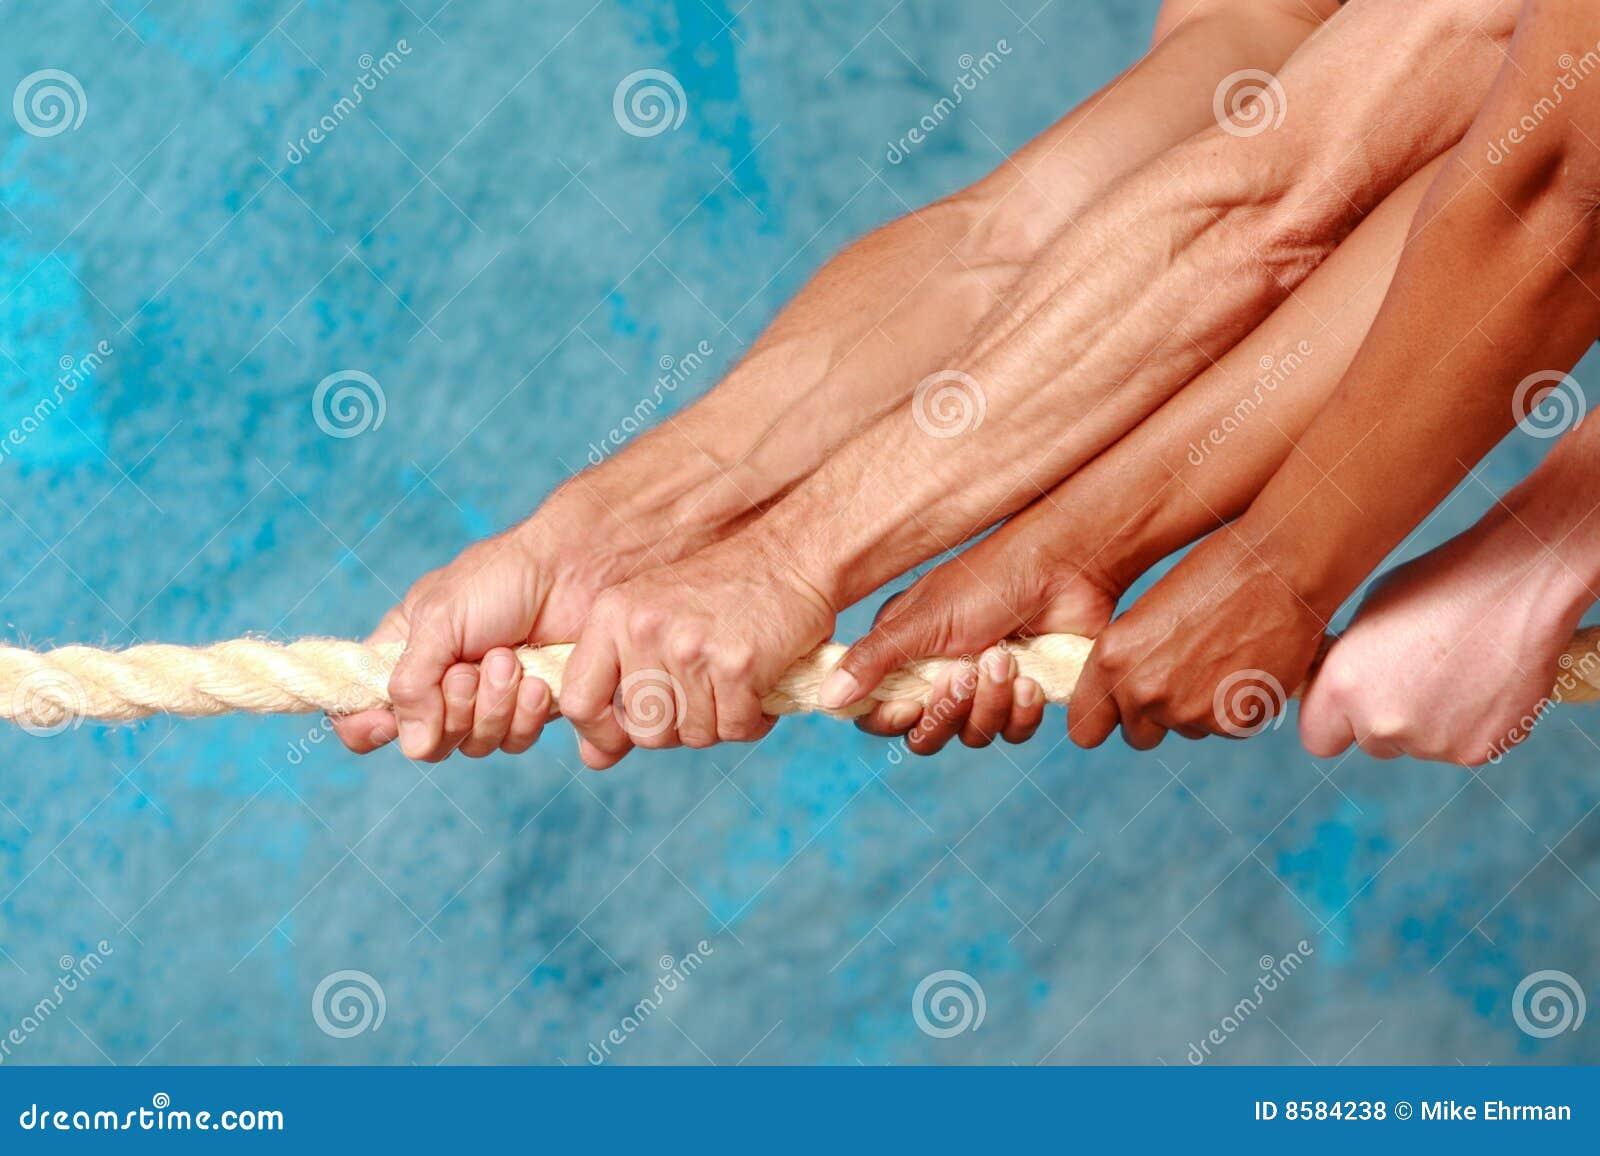 Tracción de las manos